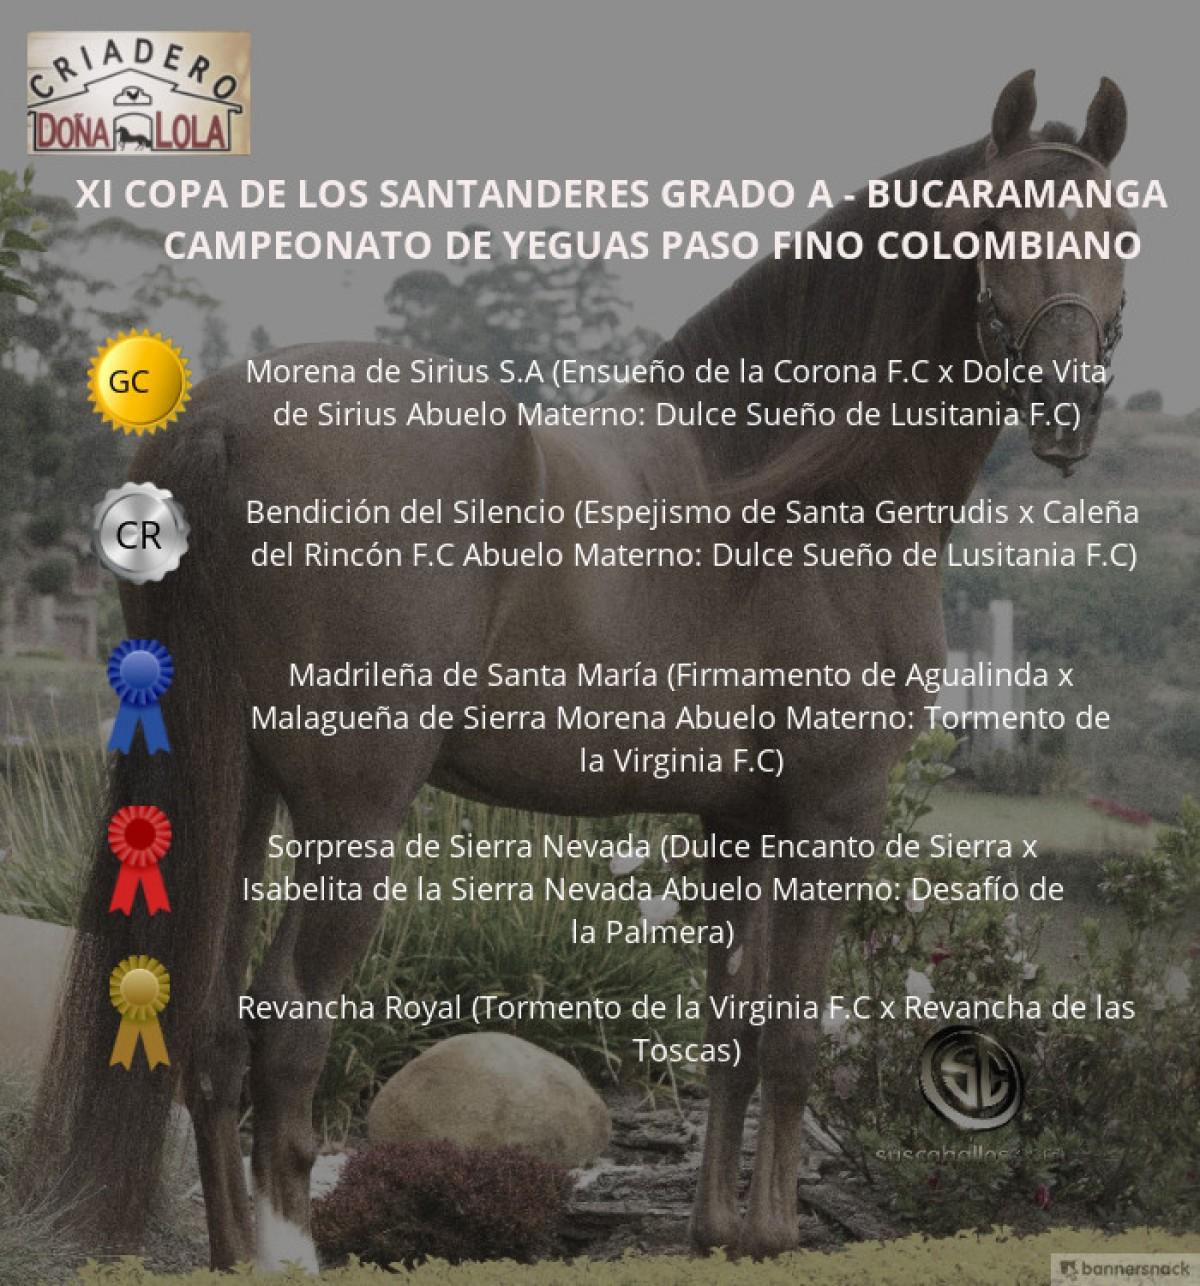 VÍDEO: Morena Campeona, Bendición Reservado, Paso Fino Colombiano, Bucaramanga